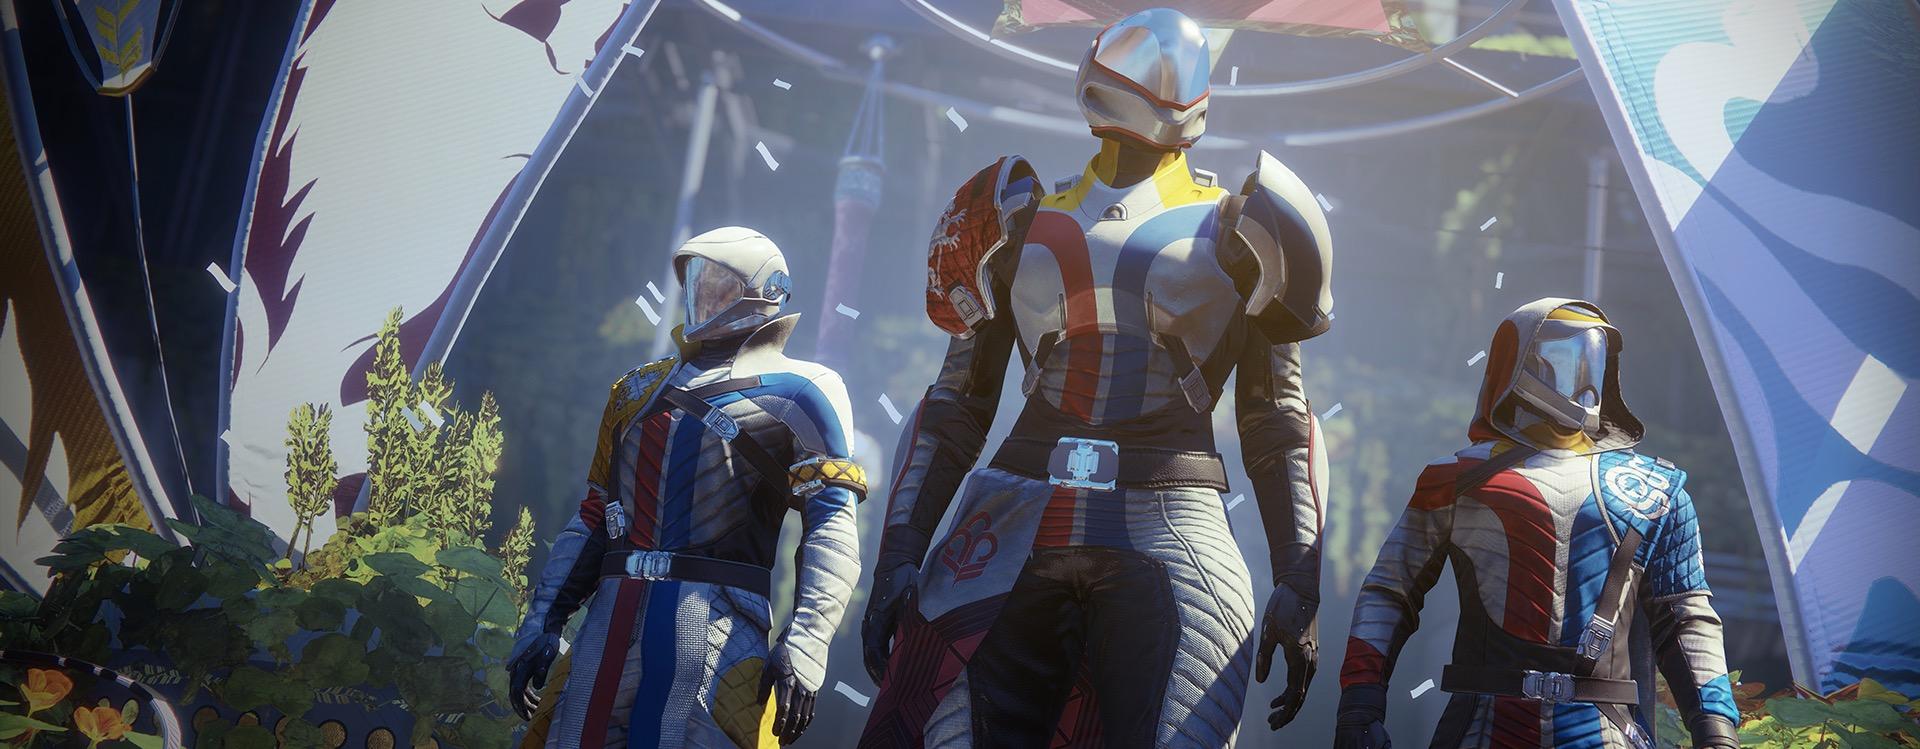 Destiny 2 stellt Hüter-Spiele vor – Das erwartet euch im neuen Frühlings-Event